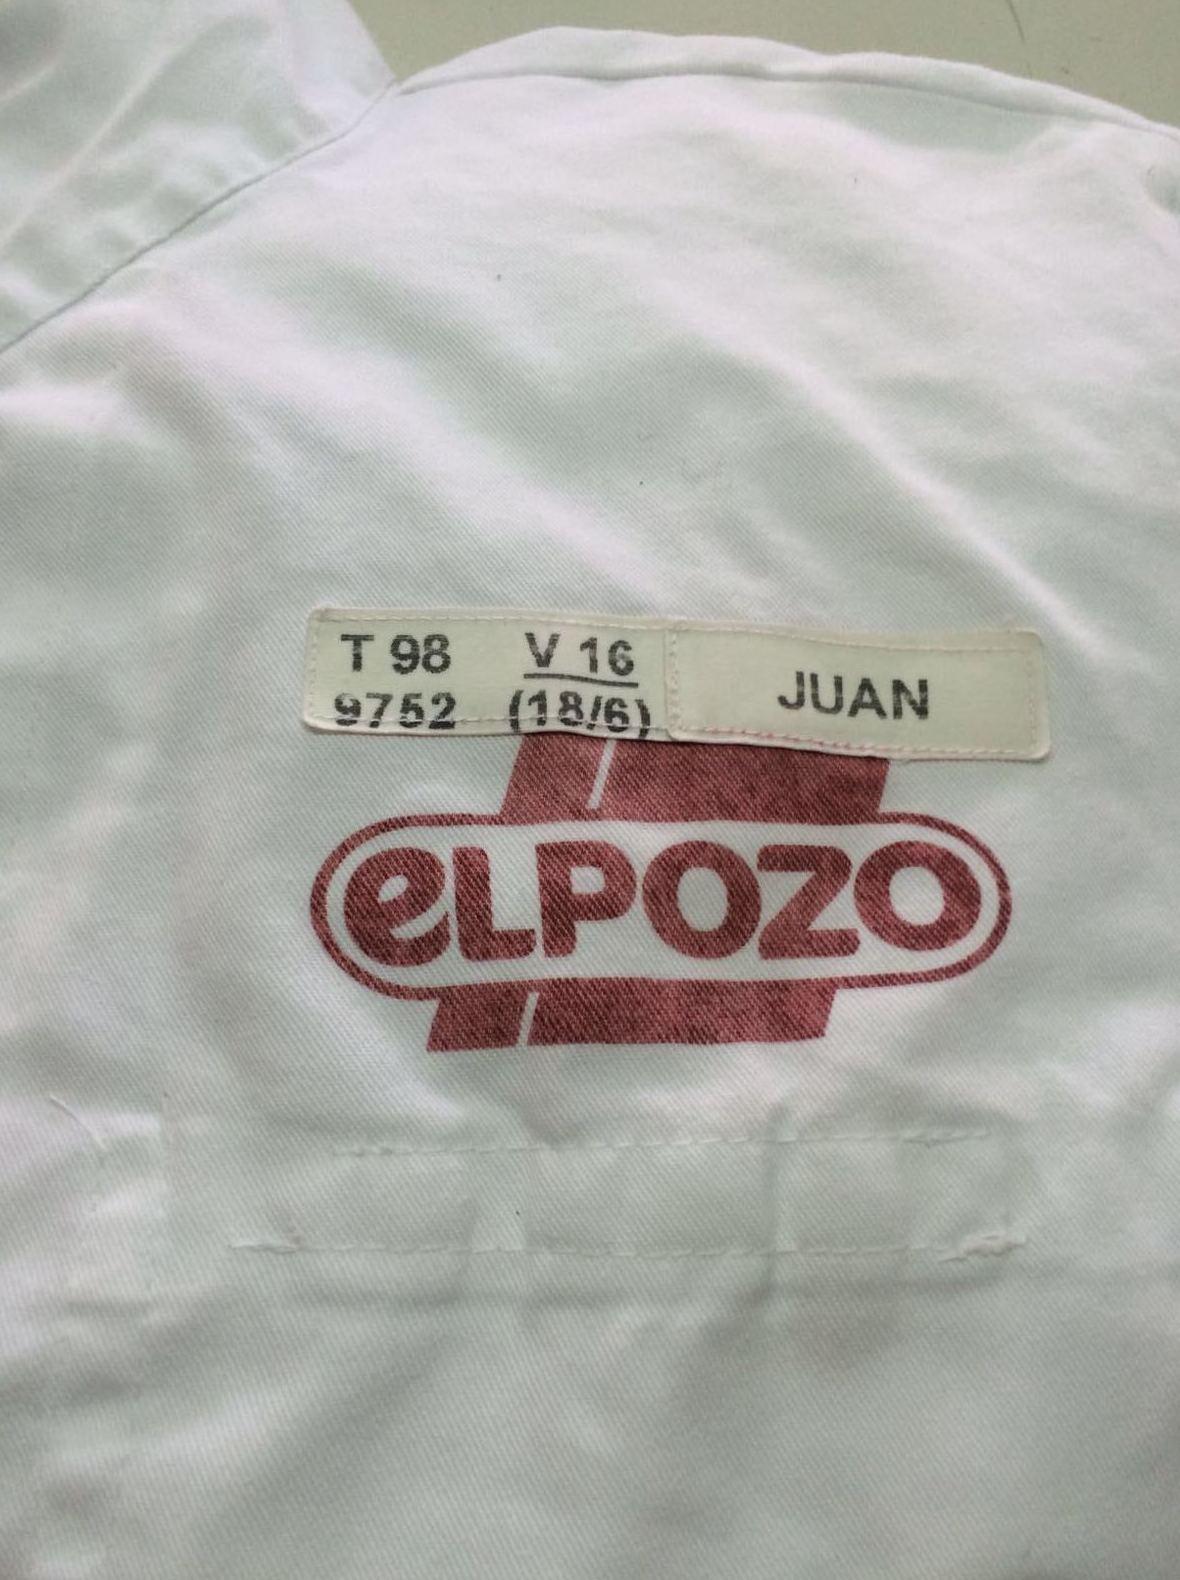 Etiquetas, embolsado, clasificado...: Servicios de Lavamur